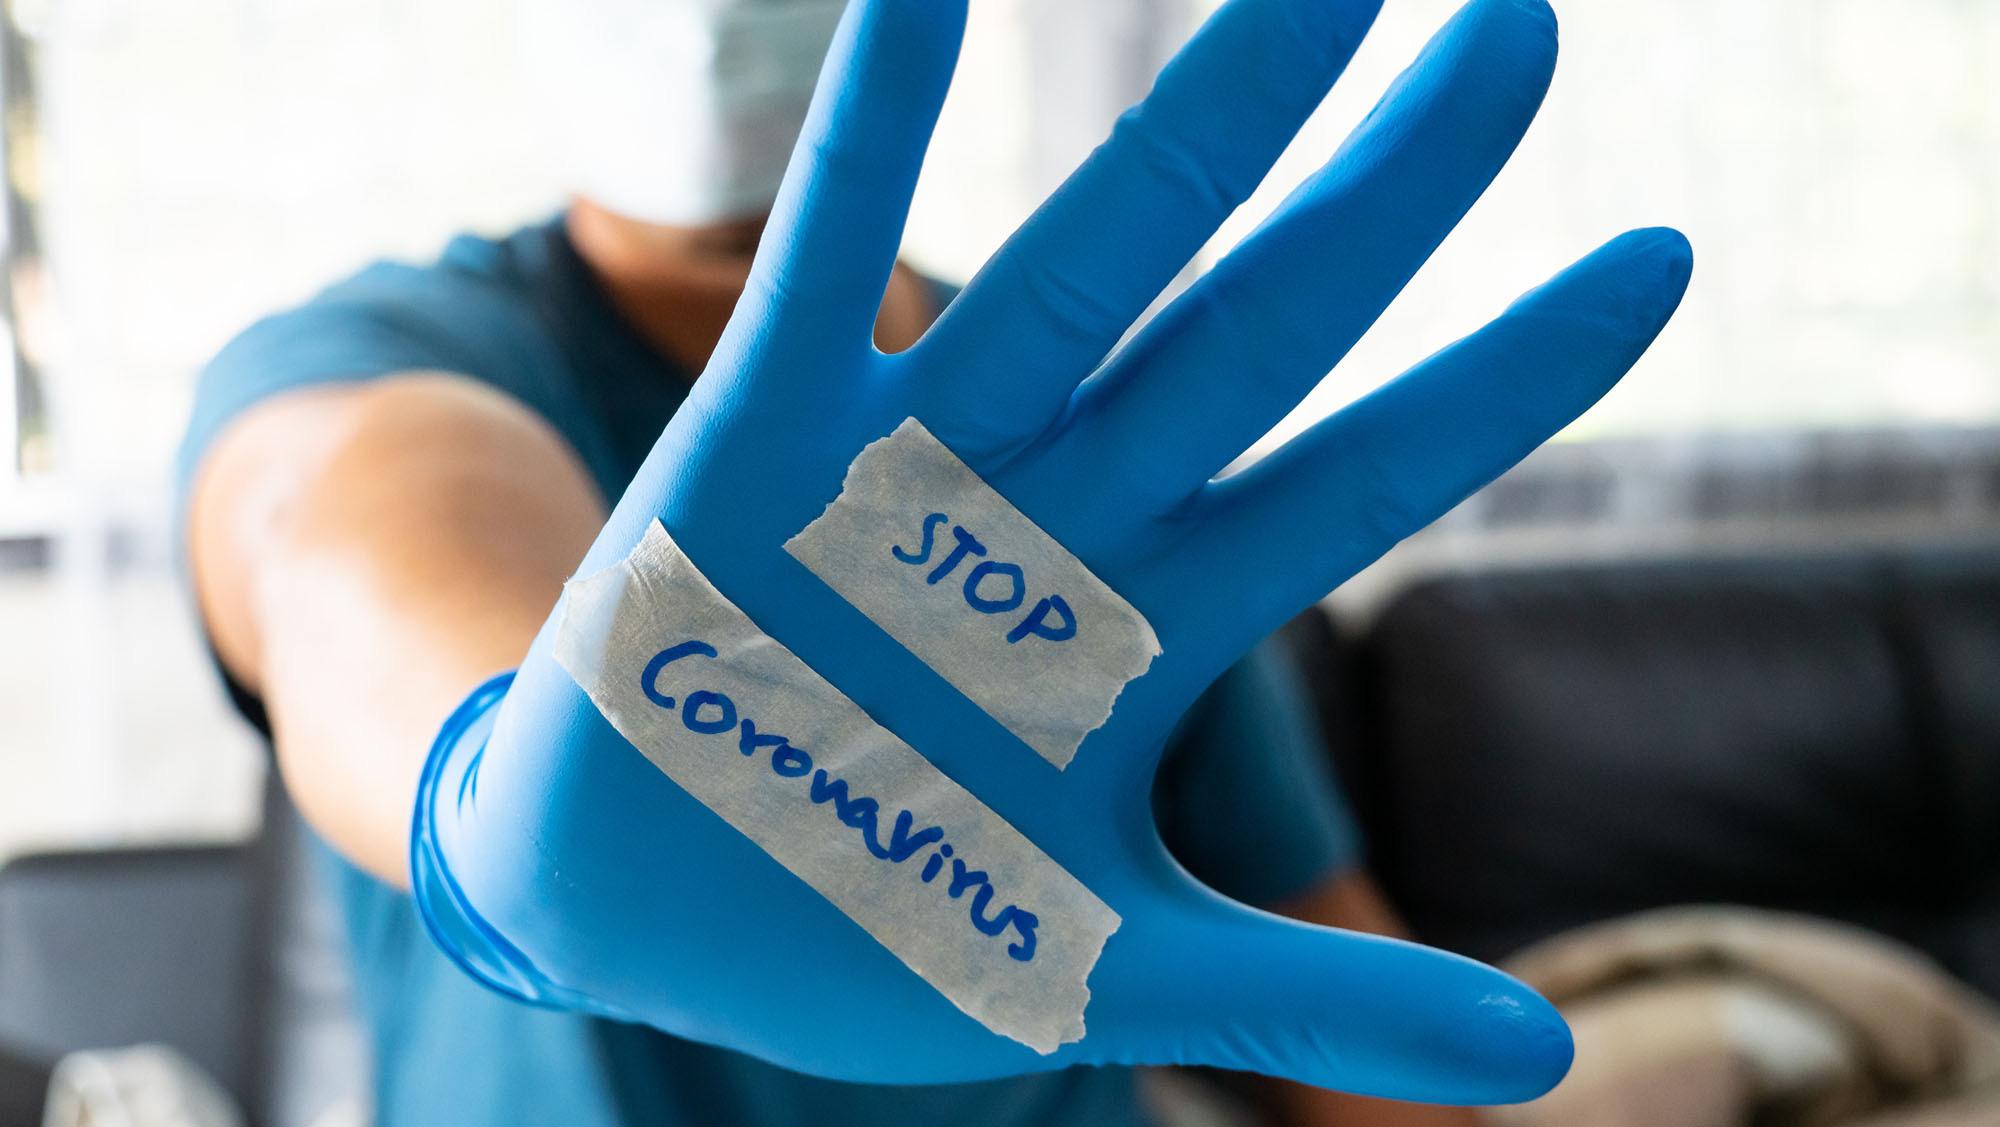 Nguy cơ dịch Covid-19 tăng cao khi 'thủ đô găng tay y tế thế giới' vật lộn giữa thời phong tỏa - Ảnh 1.